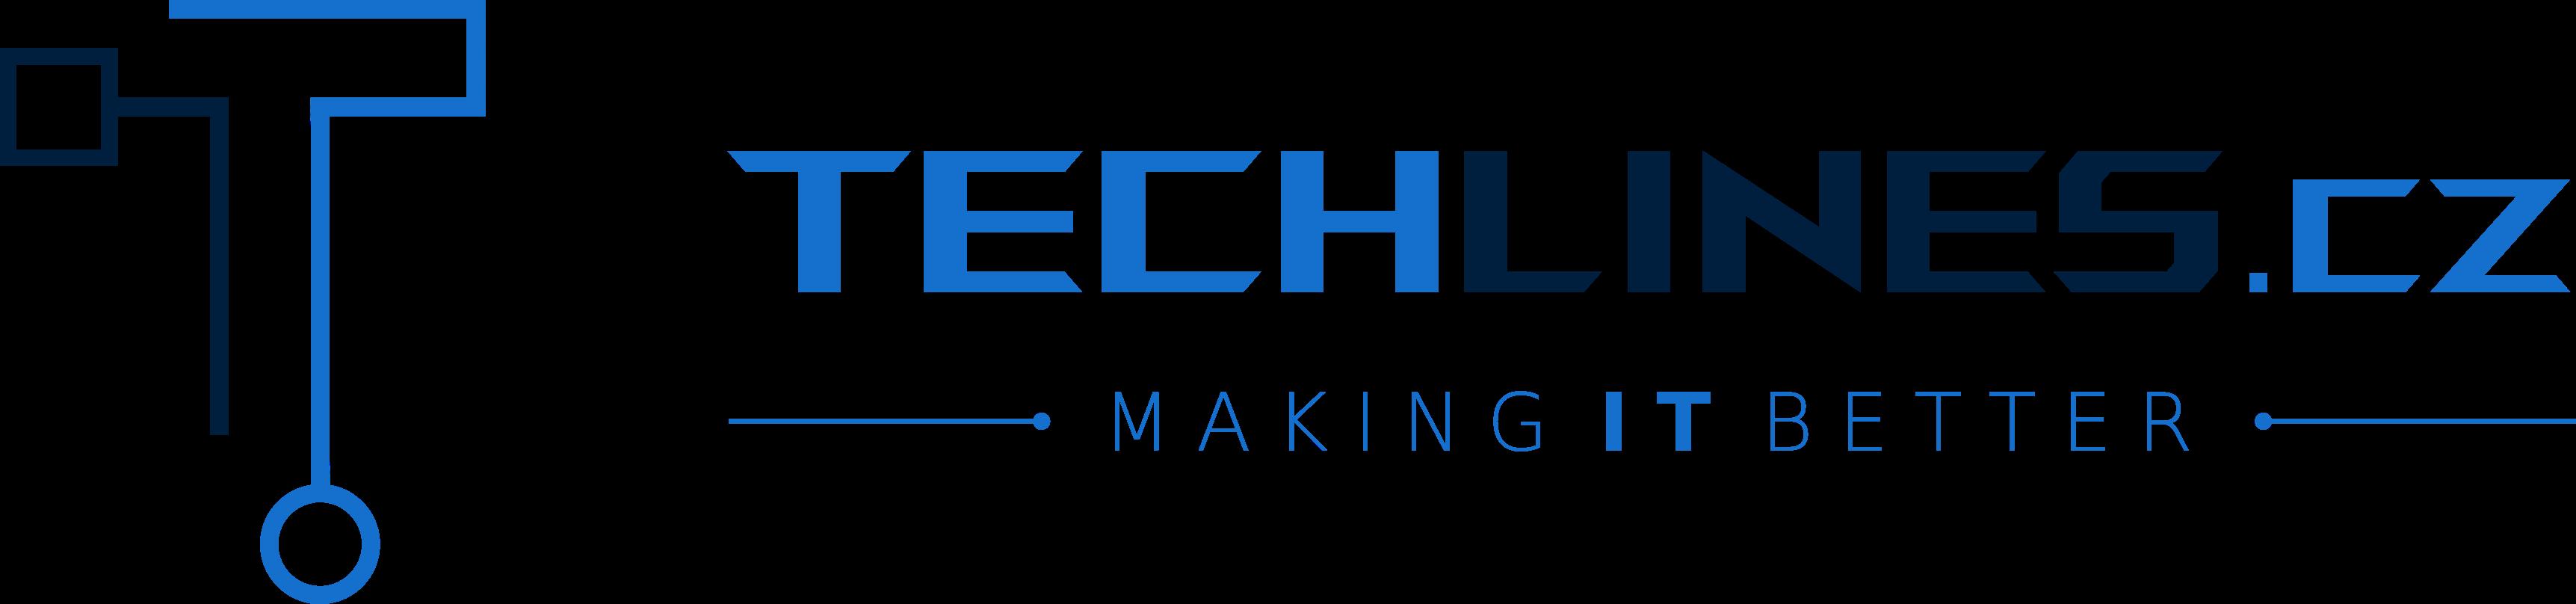 TechLines.cz s.r.o.